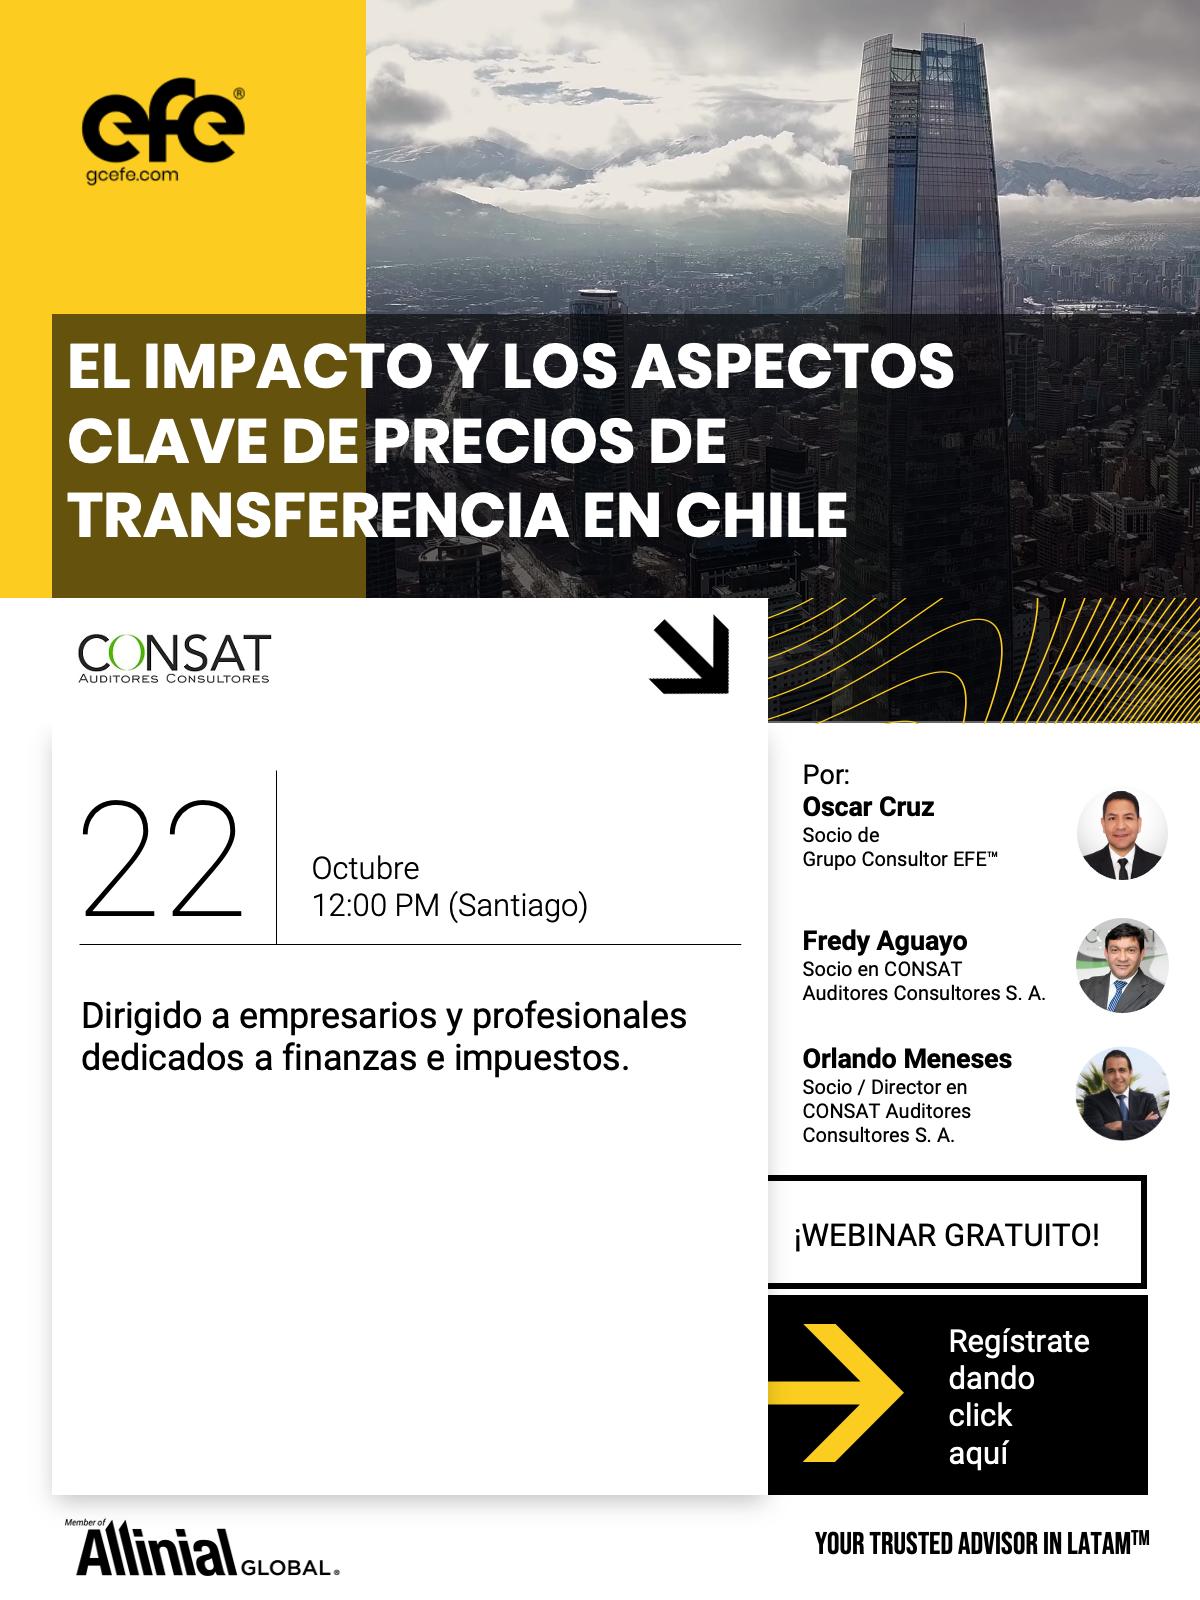 El Impacto Y Los Aspectos Clave De Precios De Transferencia En Chile